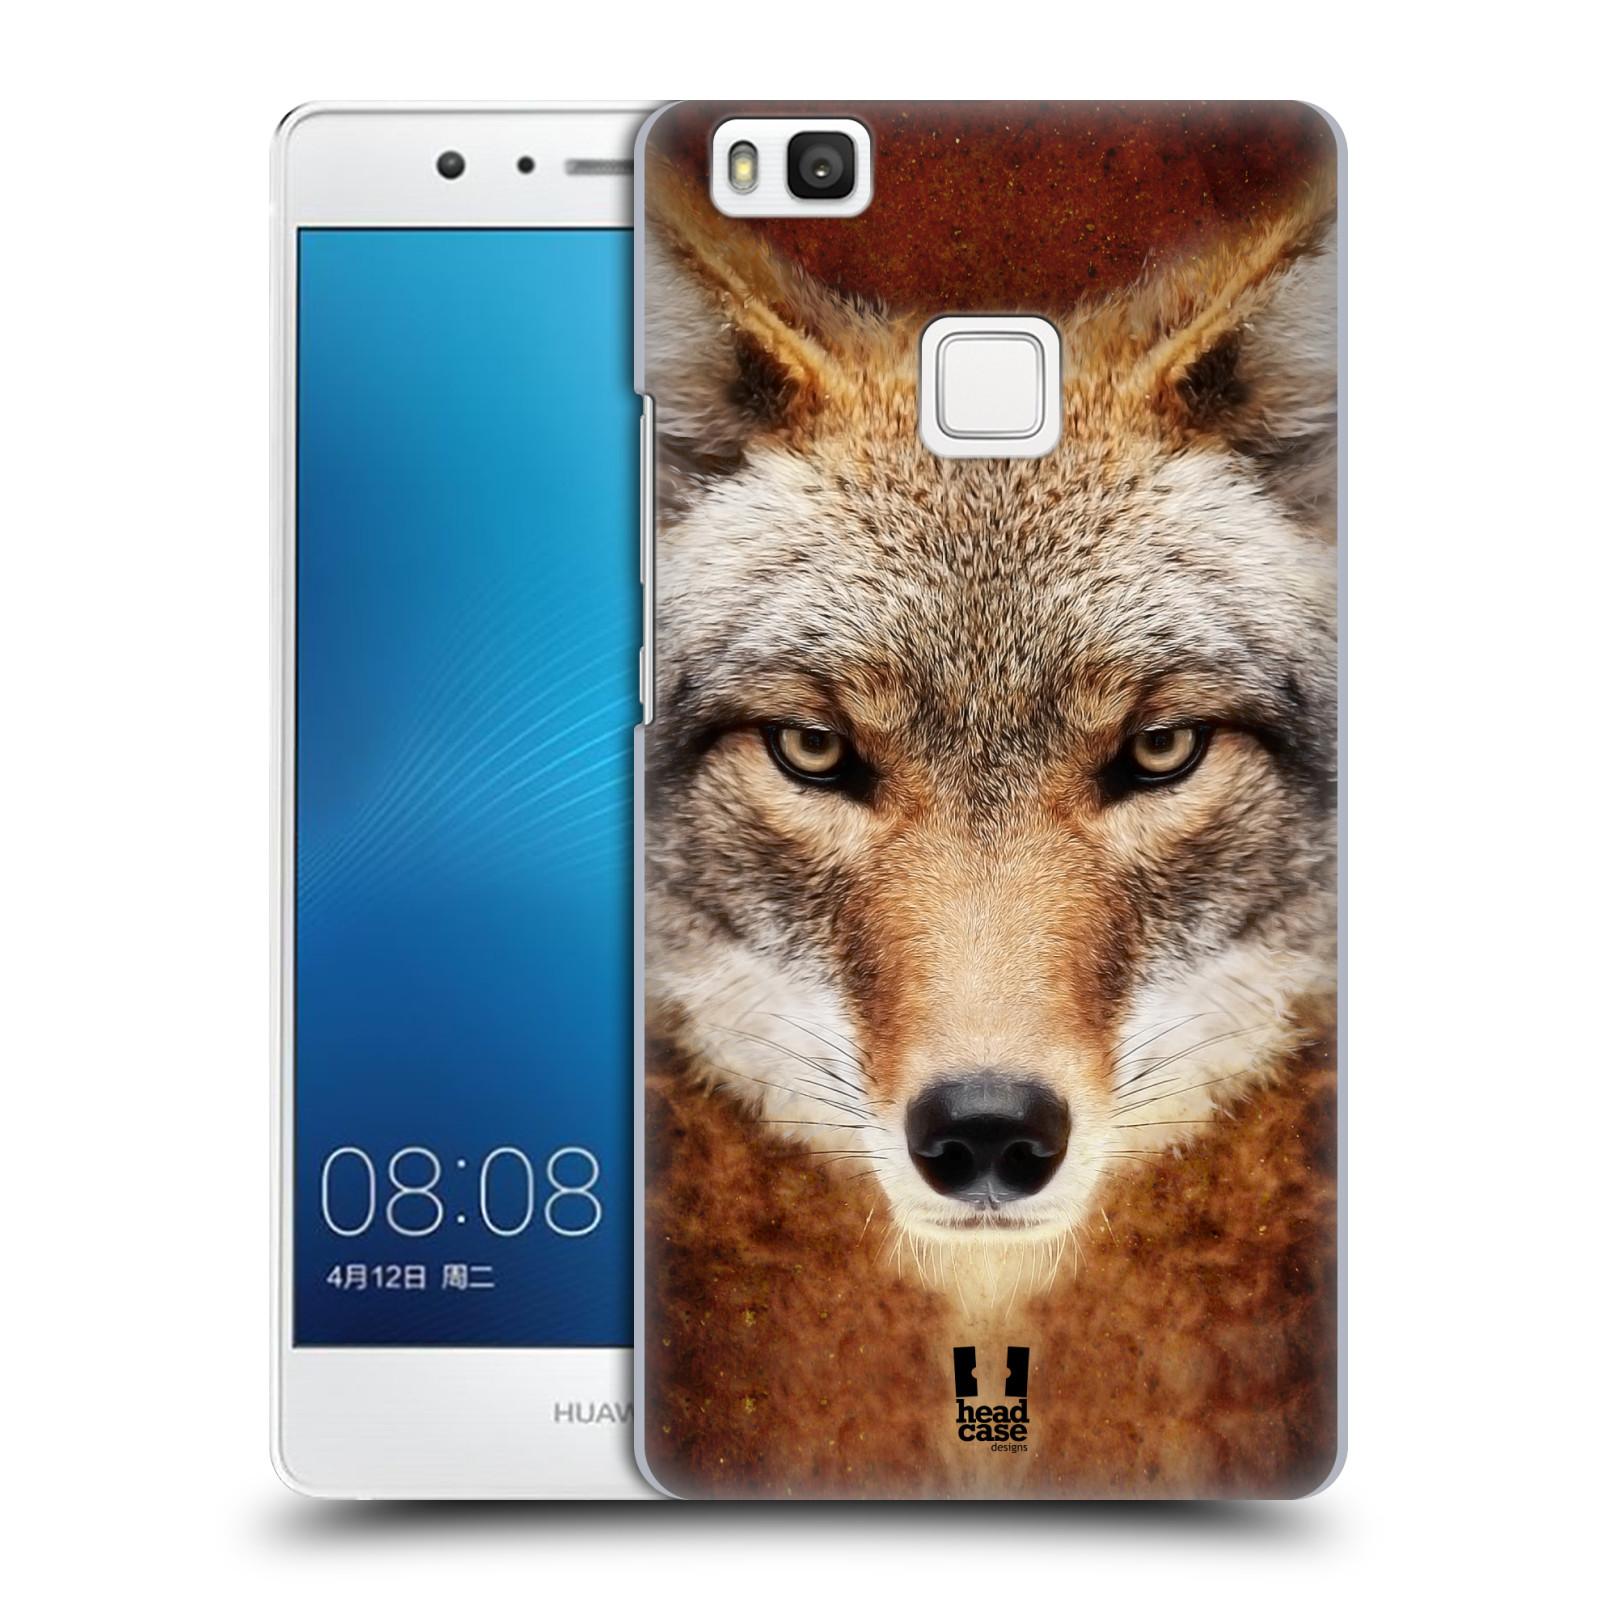 HEAD CASE plastový obal na mobil Huawei P9 LITE / P9 LITE DUAL SIM vzor Zvířecí tváře kojot